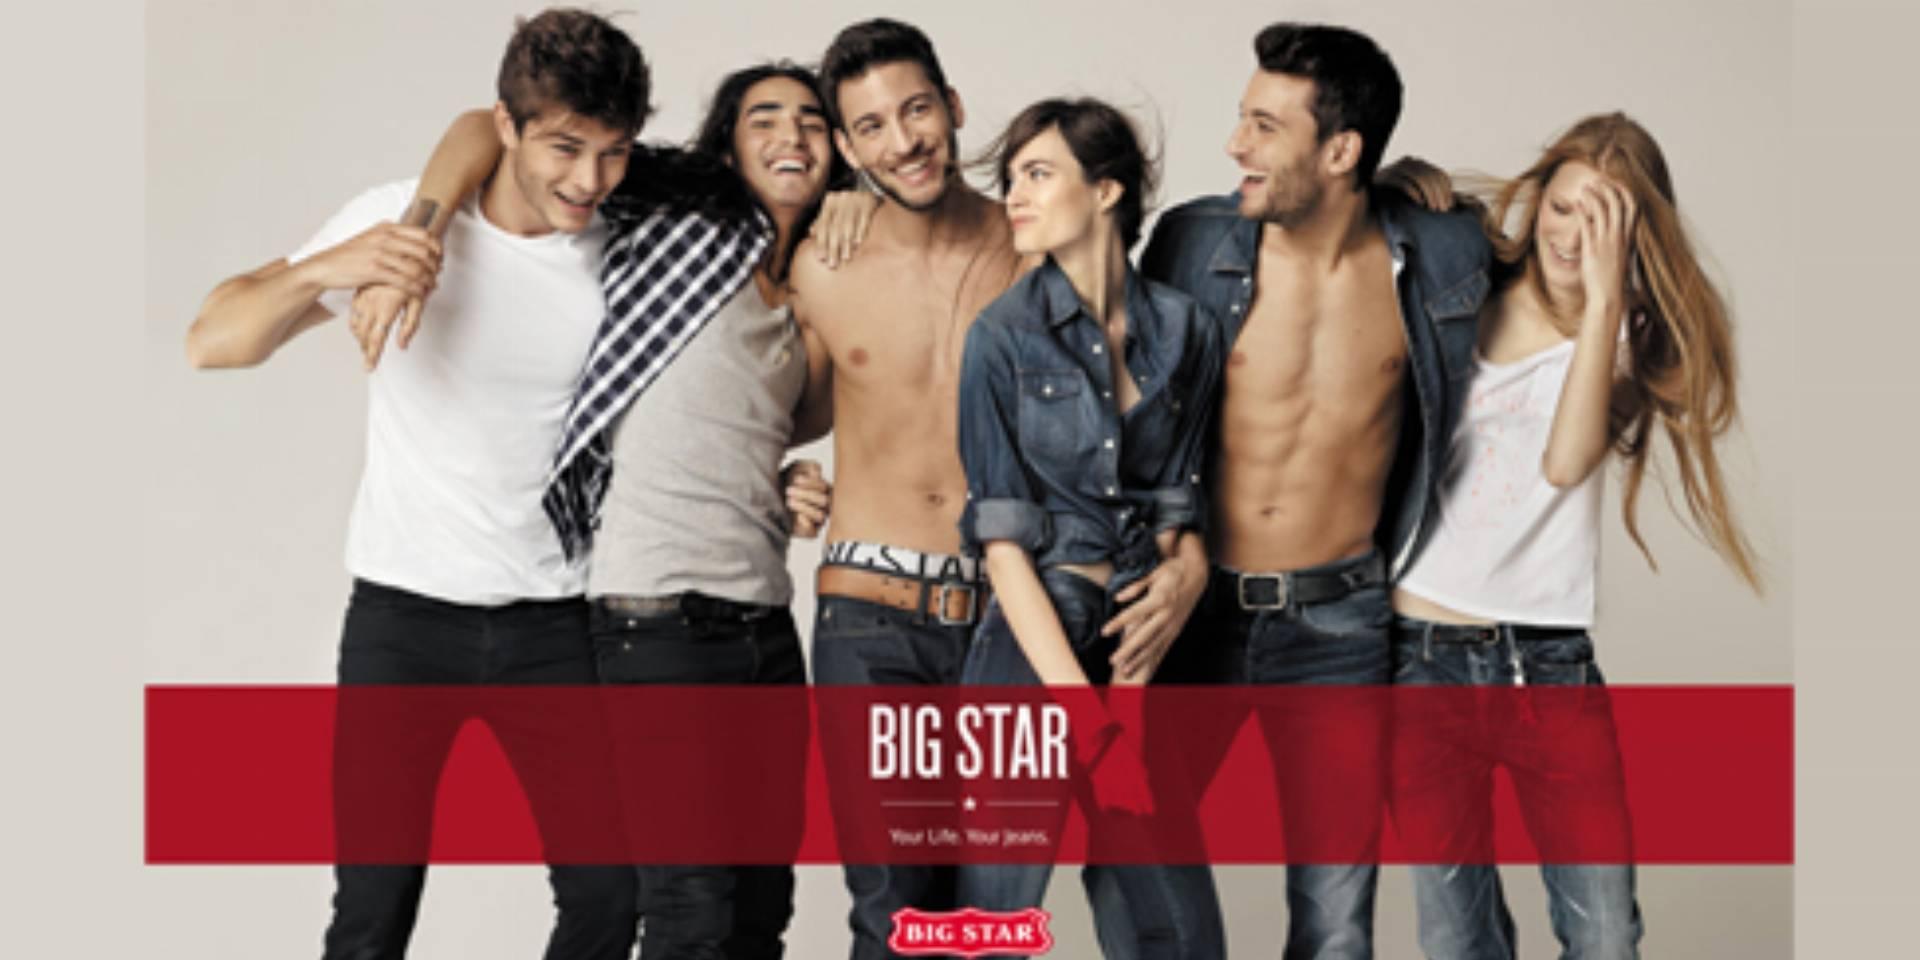 Big_Star_wiosna lato 2012